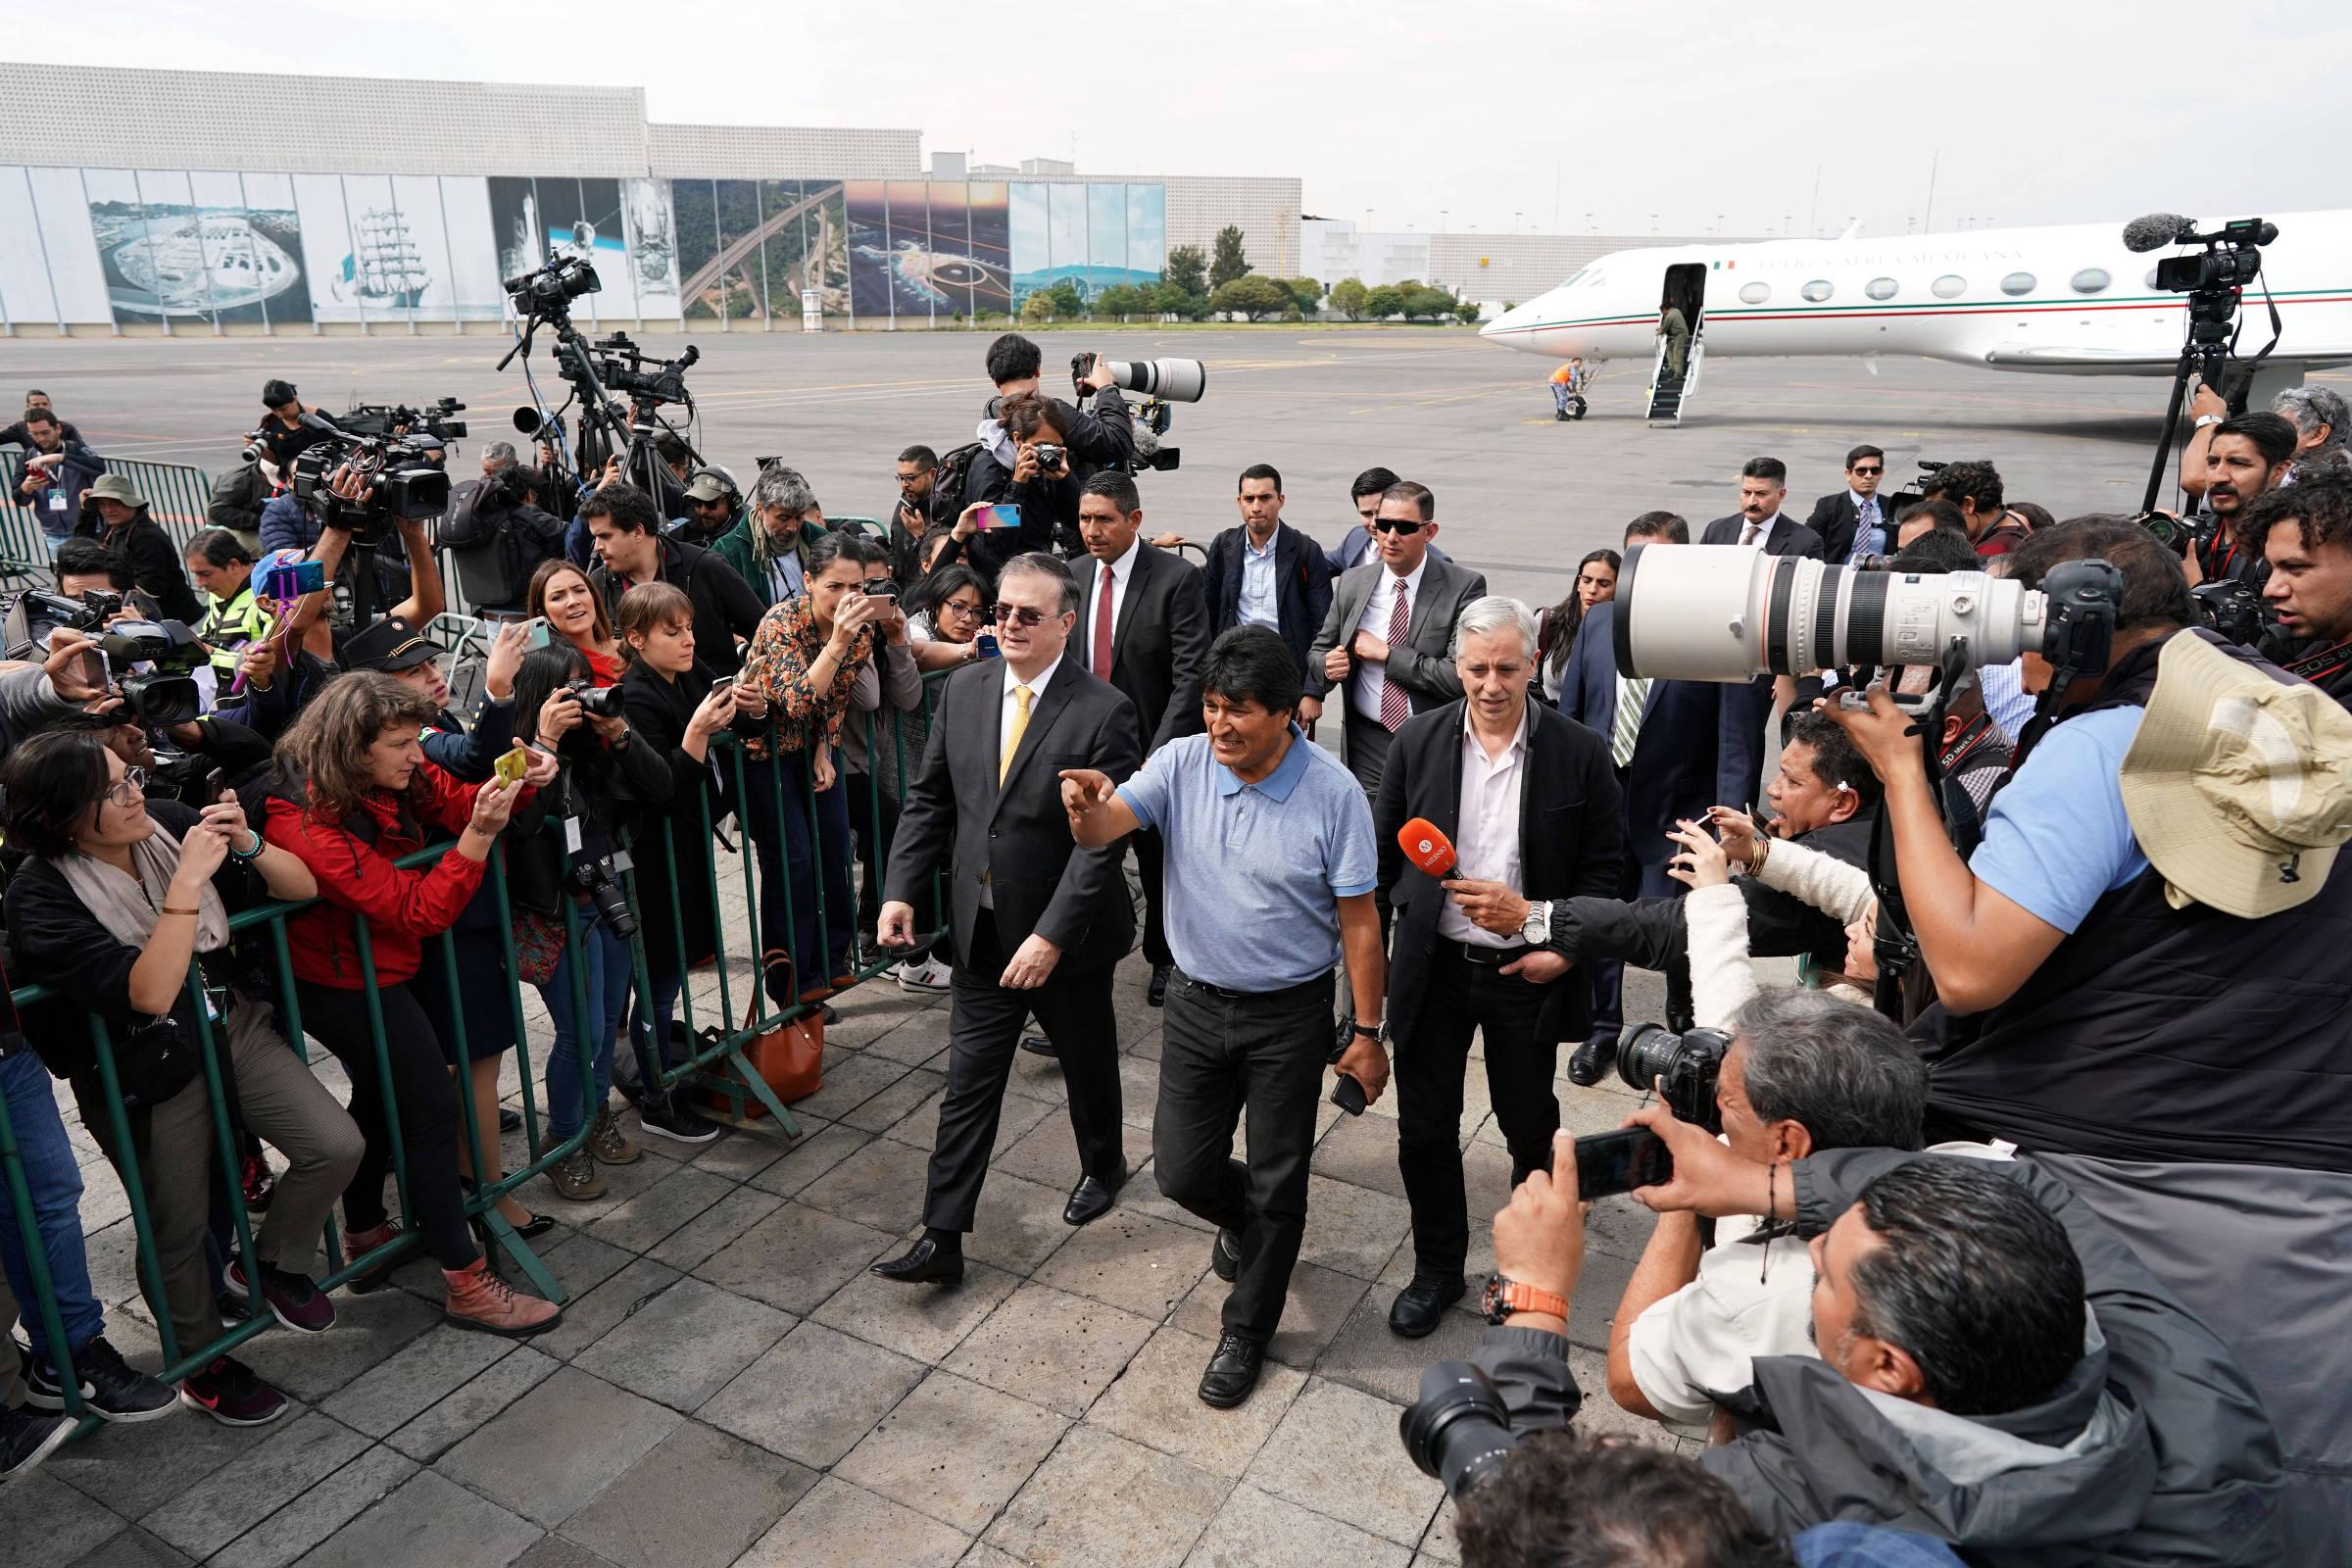 Renúncia de Evo foi golpe da extrema direita racista, diz embaixador da Bolívia no Brasil - Folha de S.Paulo